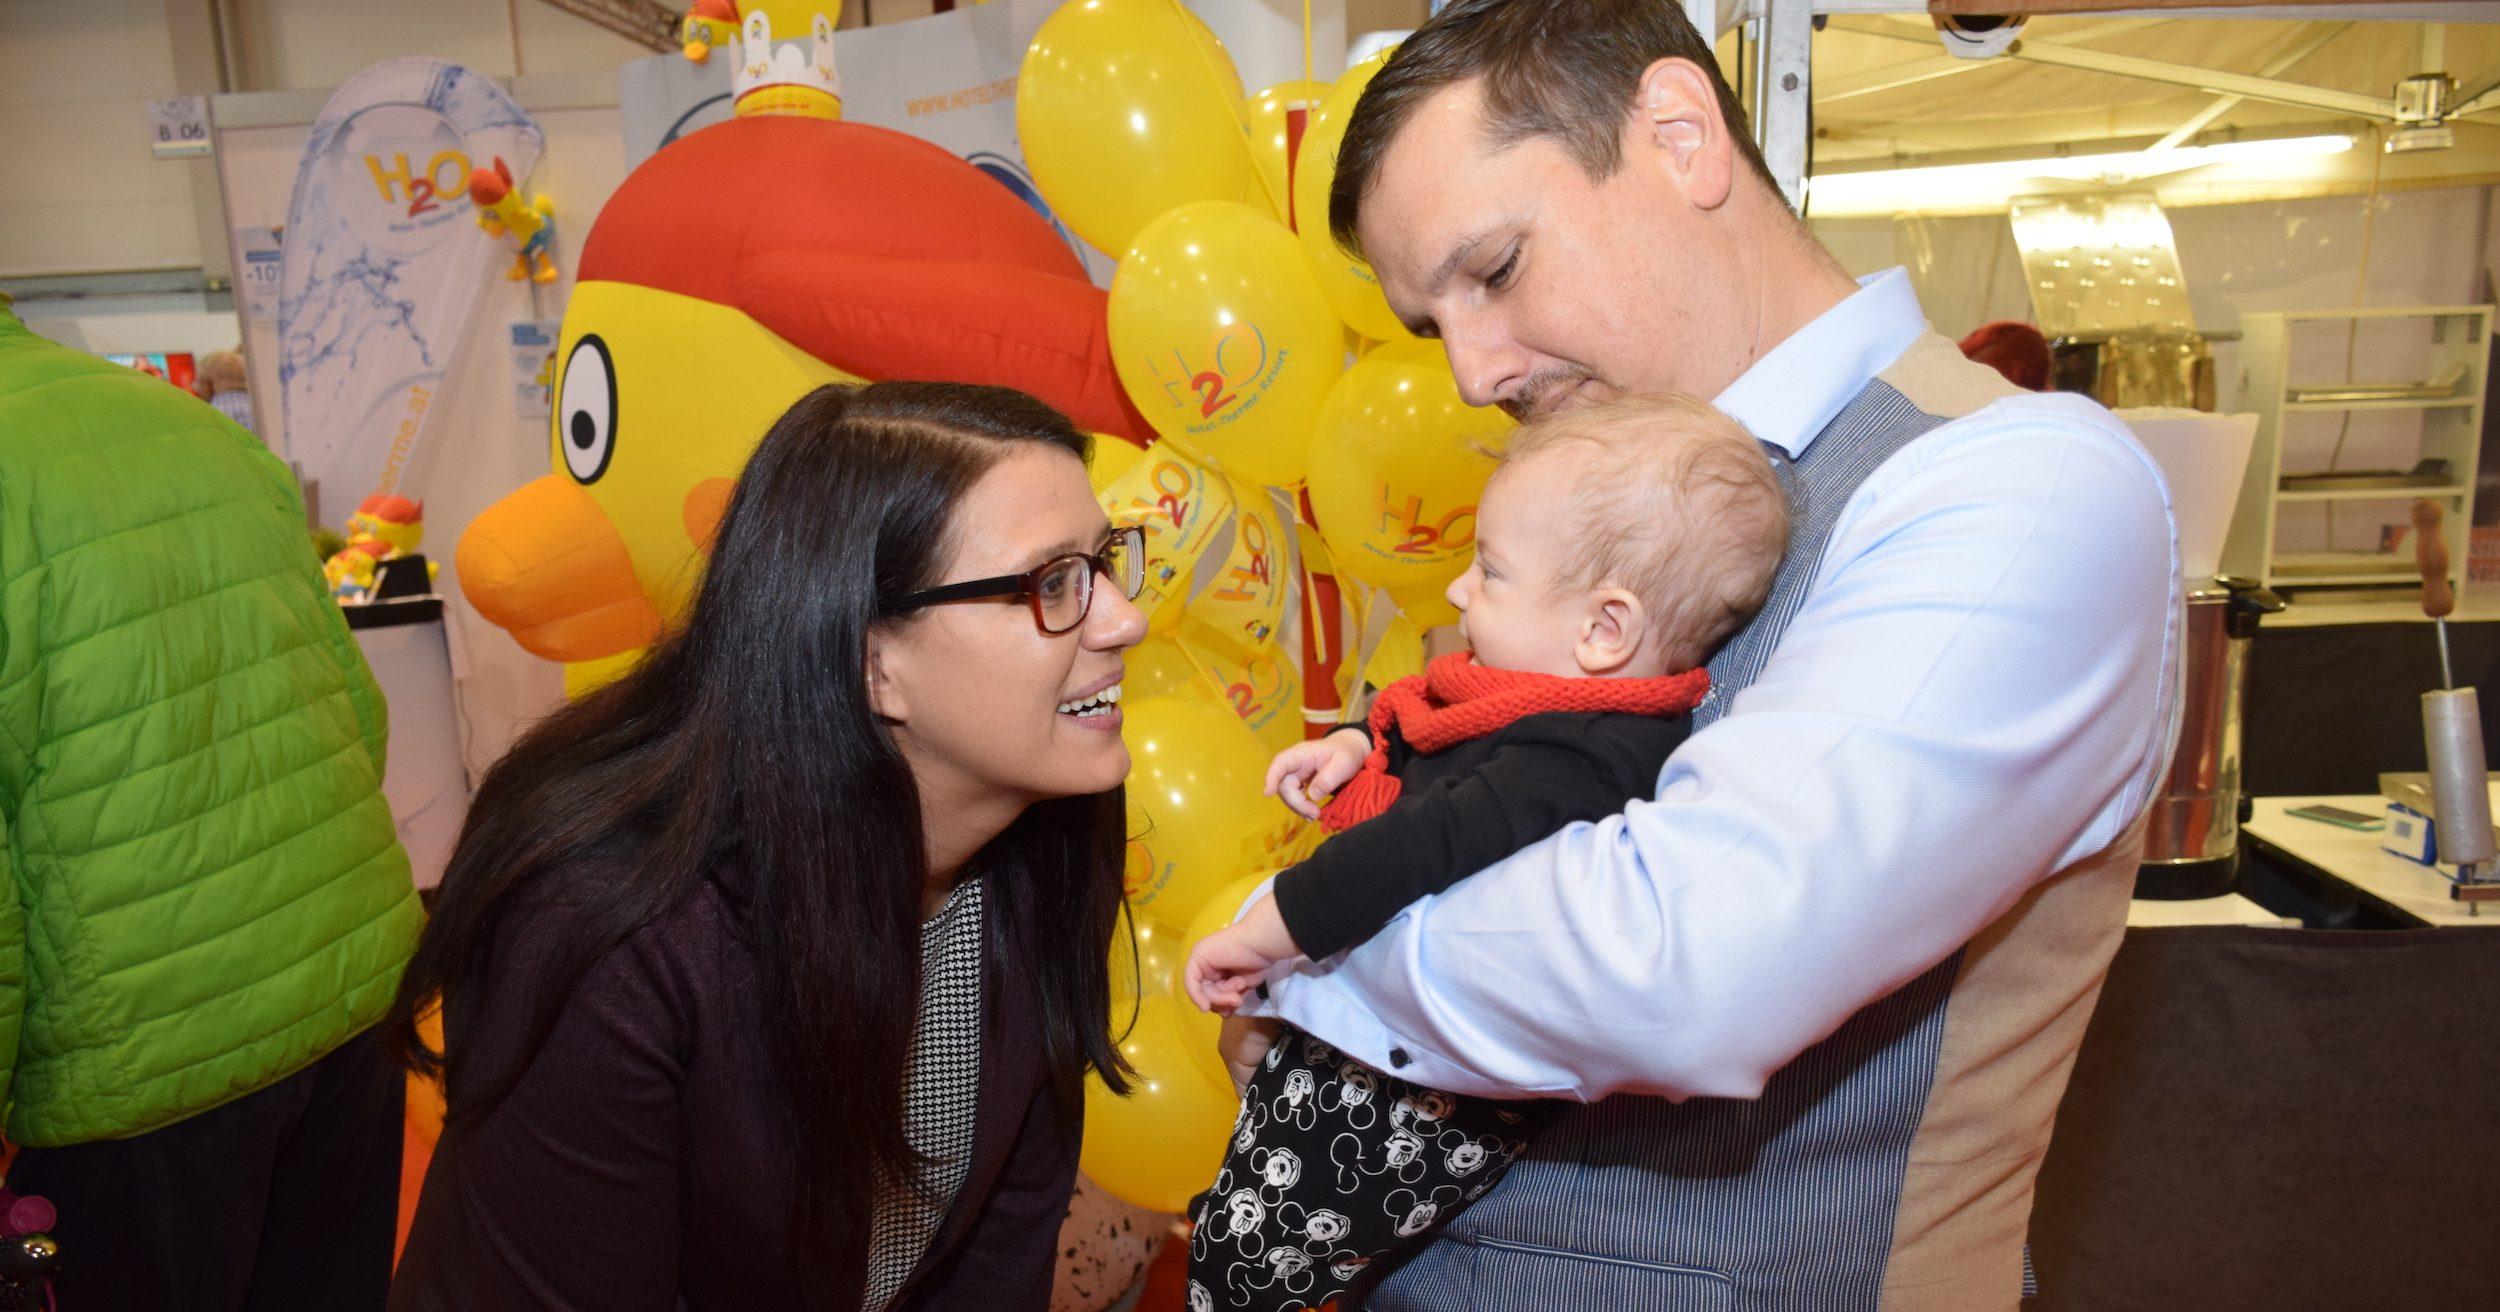 Mit der Kärntner Familienkarte geht Kärnten weiter auf dem Weg zum familienfreundlichsten Land Europas